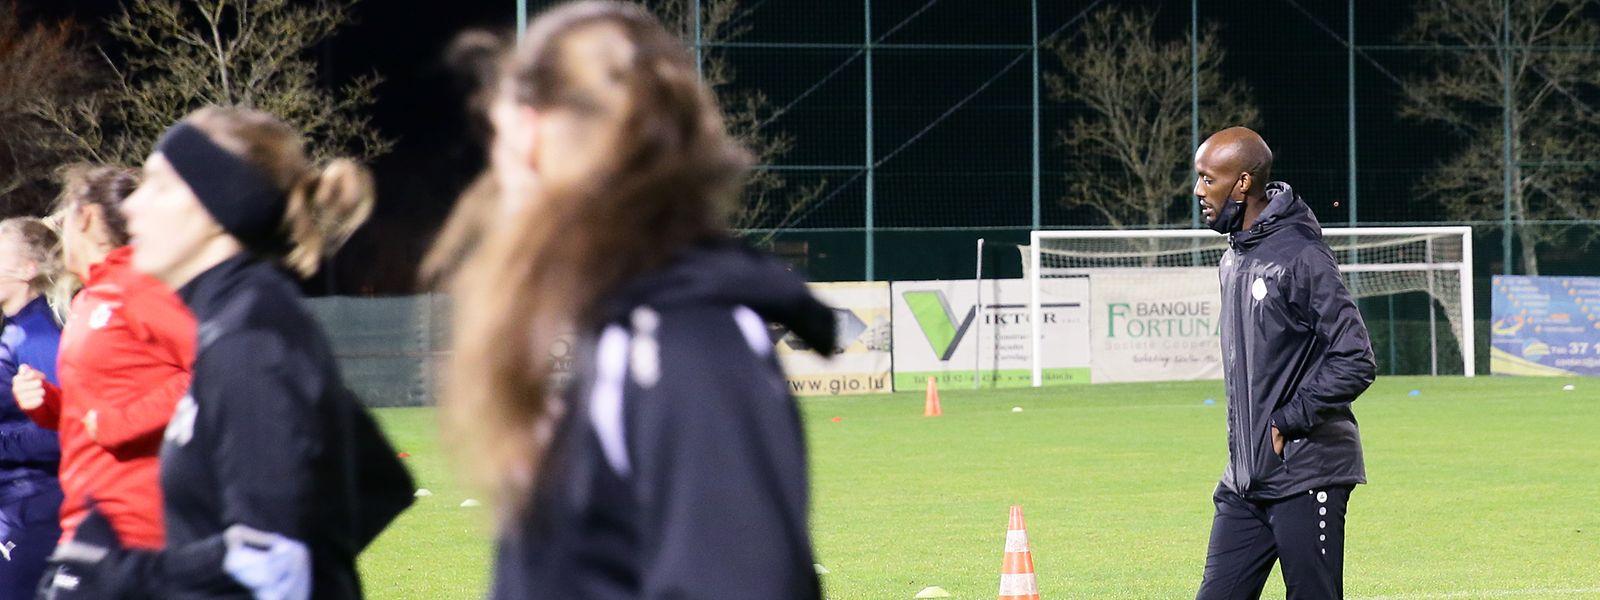 Kevin Rutare hat die Trainingswerte der Fußball-Nationalspielerinnen genau im Blick.